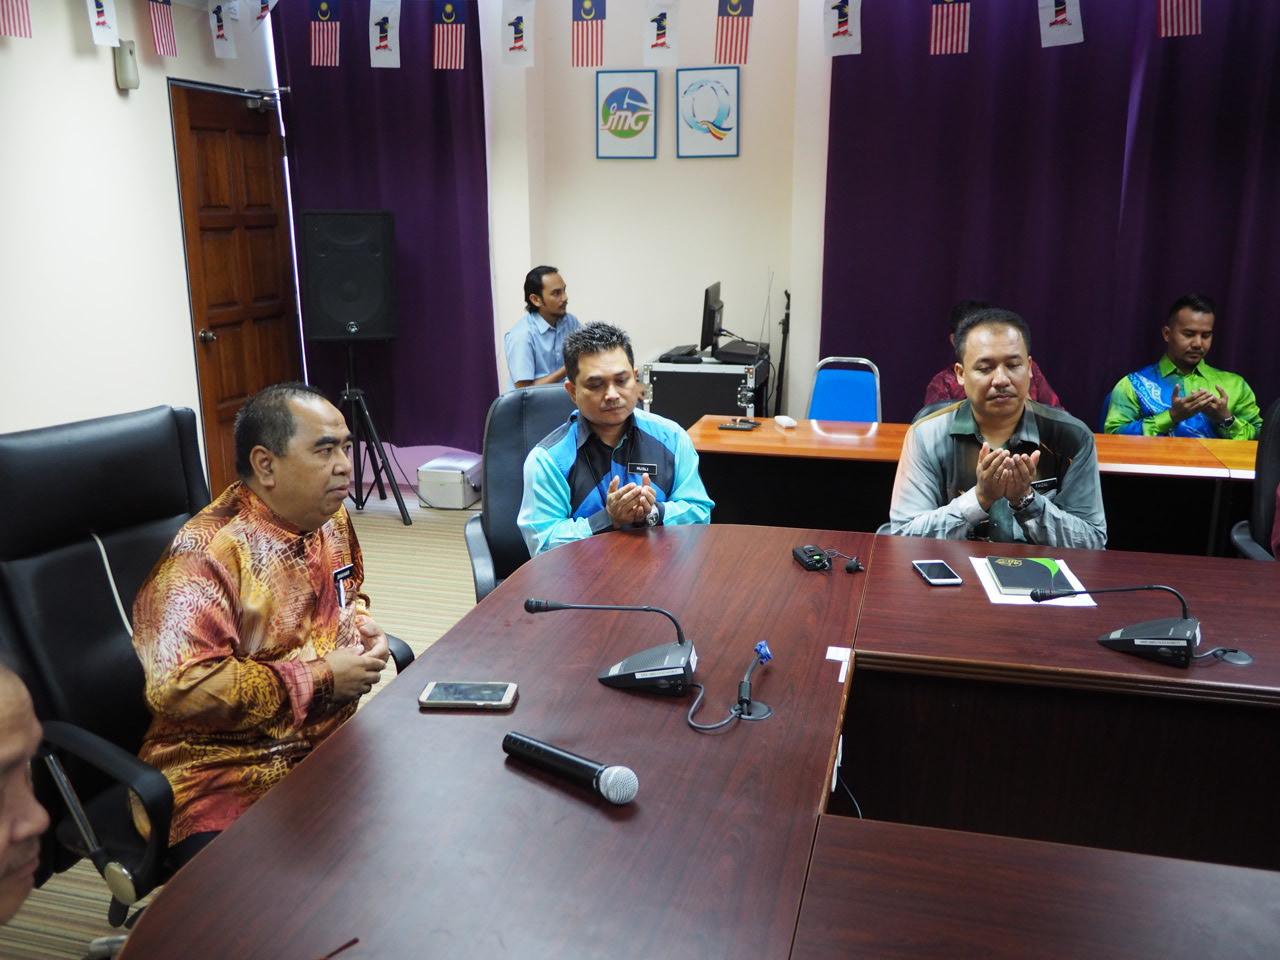 Lawatan Kerja Ketua Pengarah JMG, Tuan Haji Shahar Effendi bin Abdullah Azizi ke JMG Selangor/w. Persekutuan